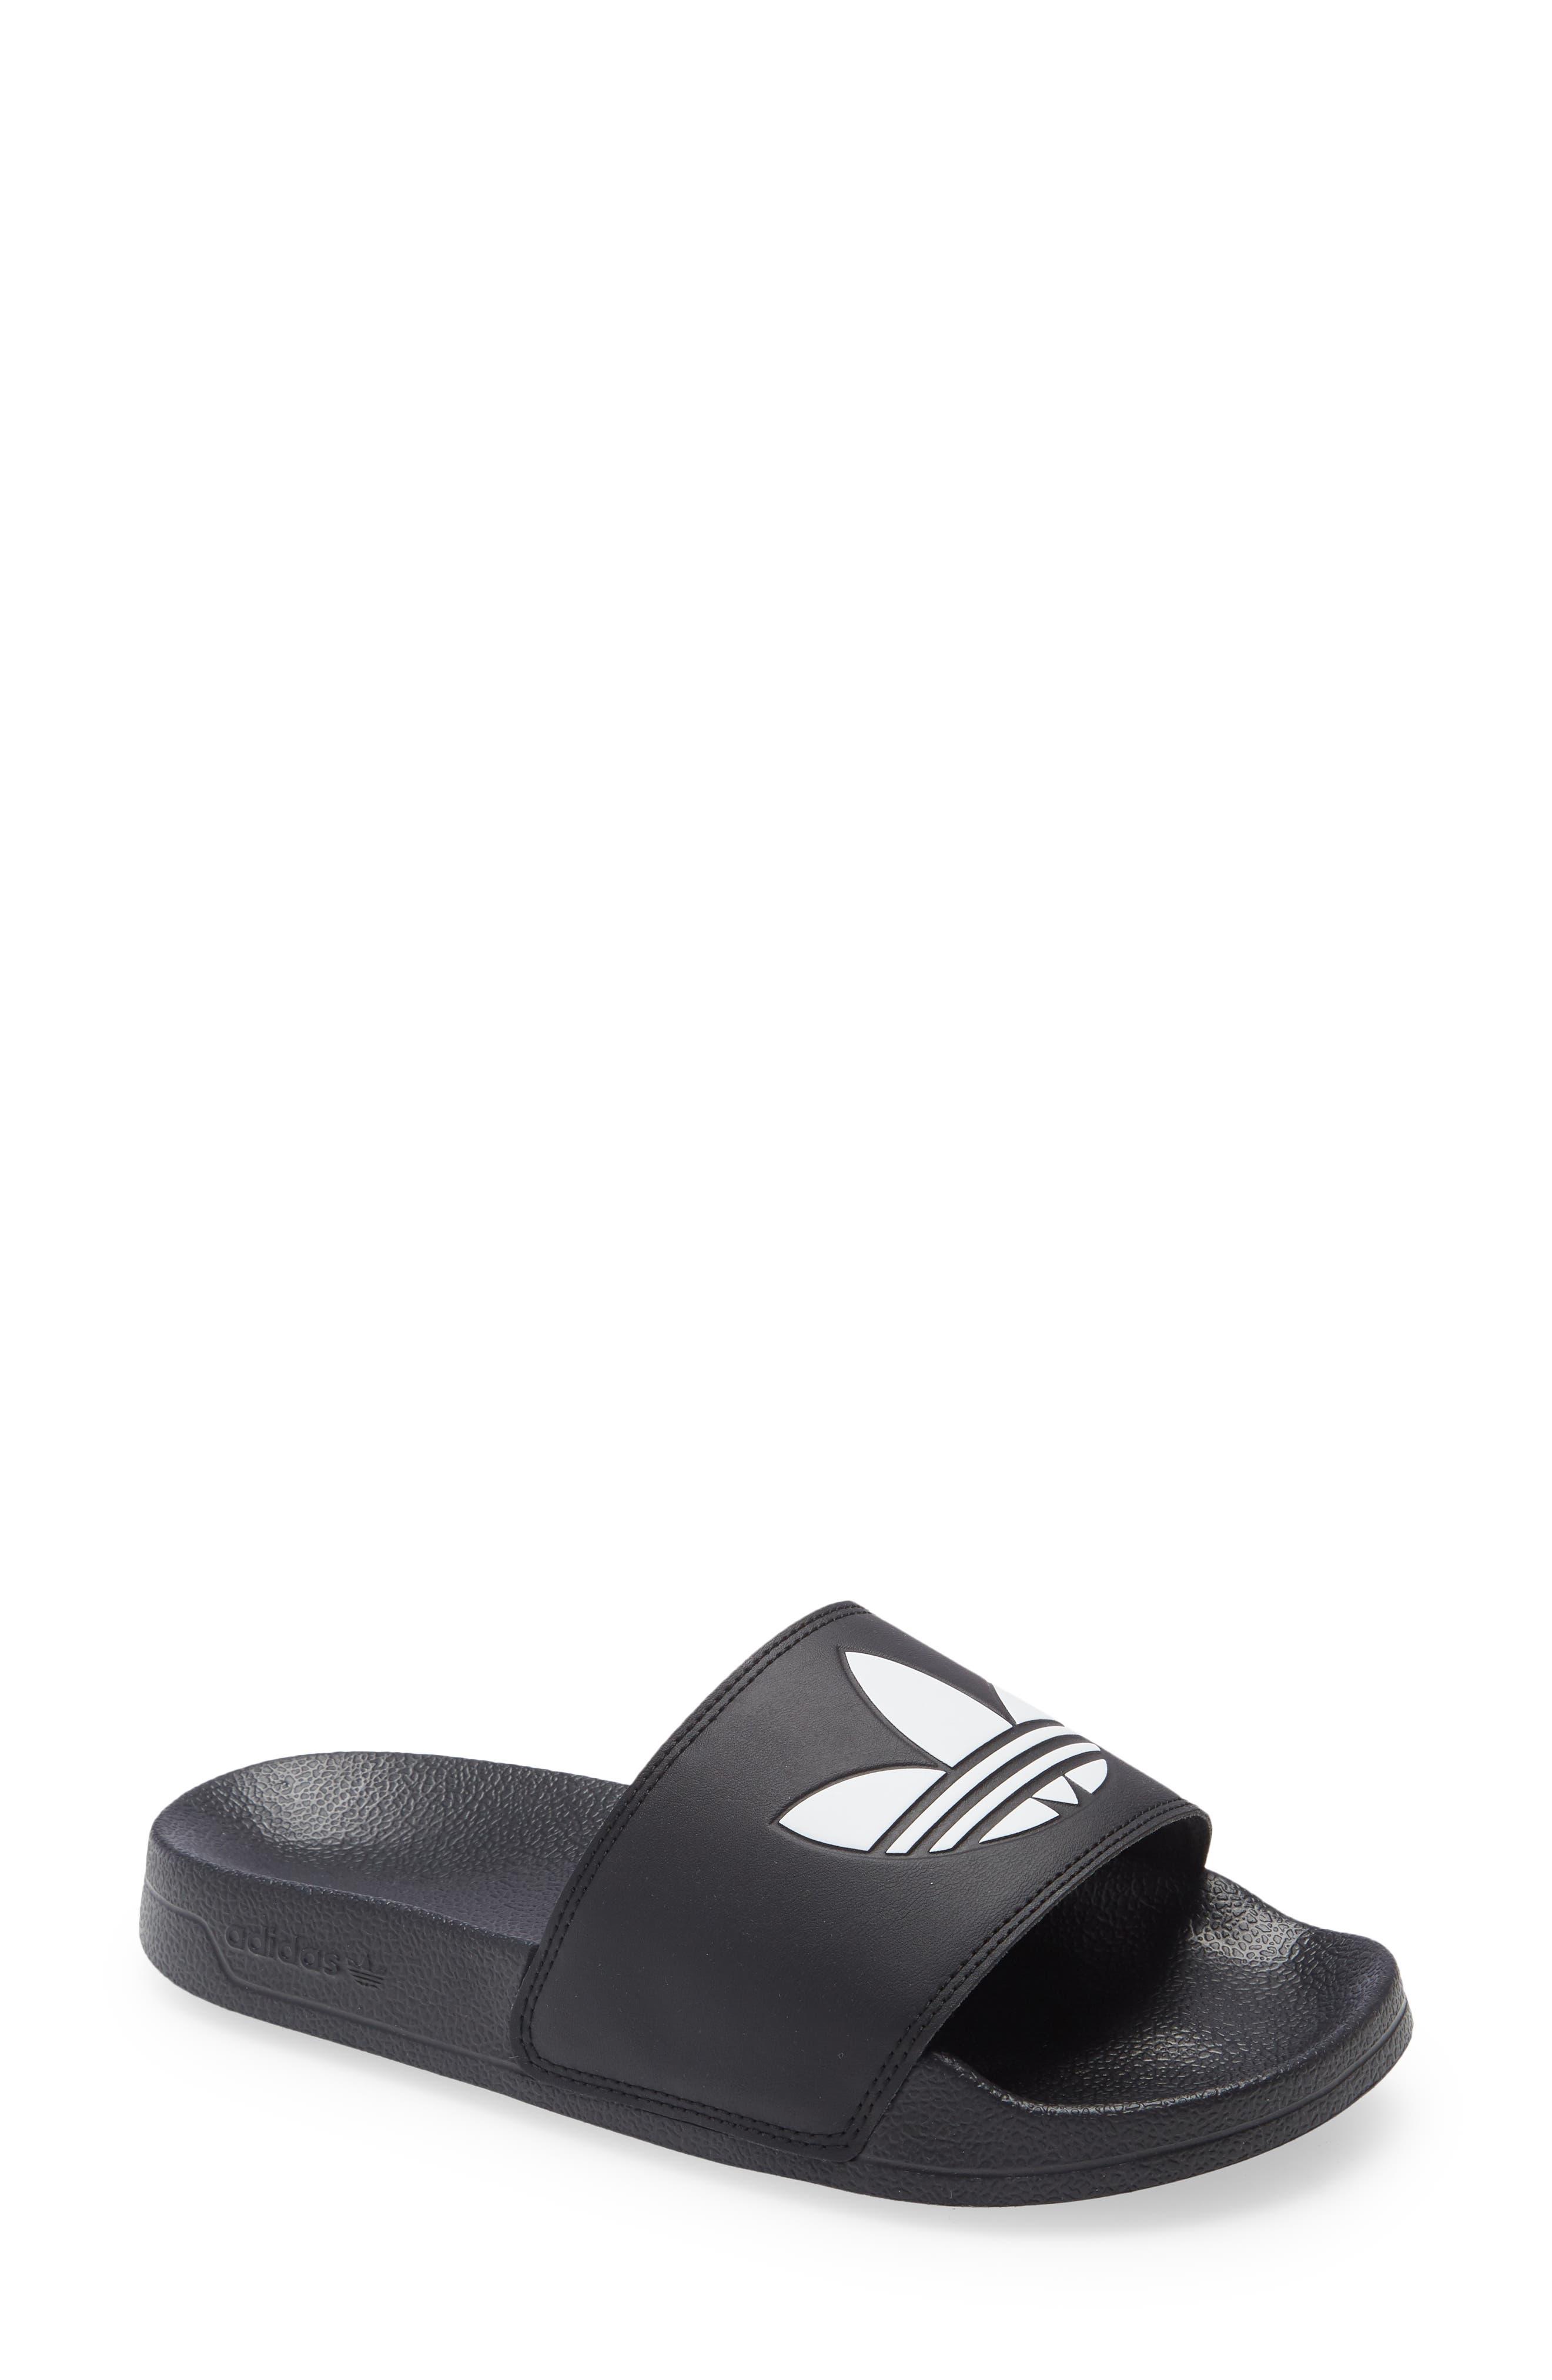 adidas Kid's Adidas Adilette Lite Sport Slide, Size 7 M - Black